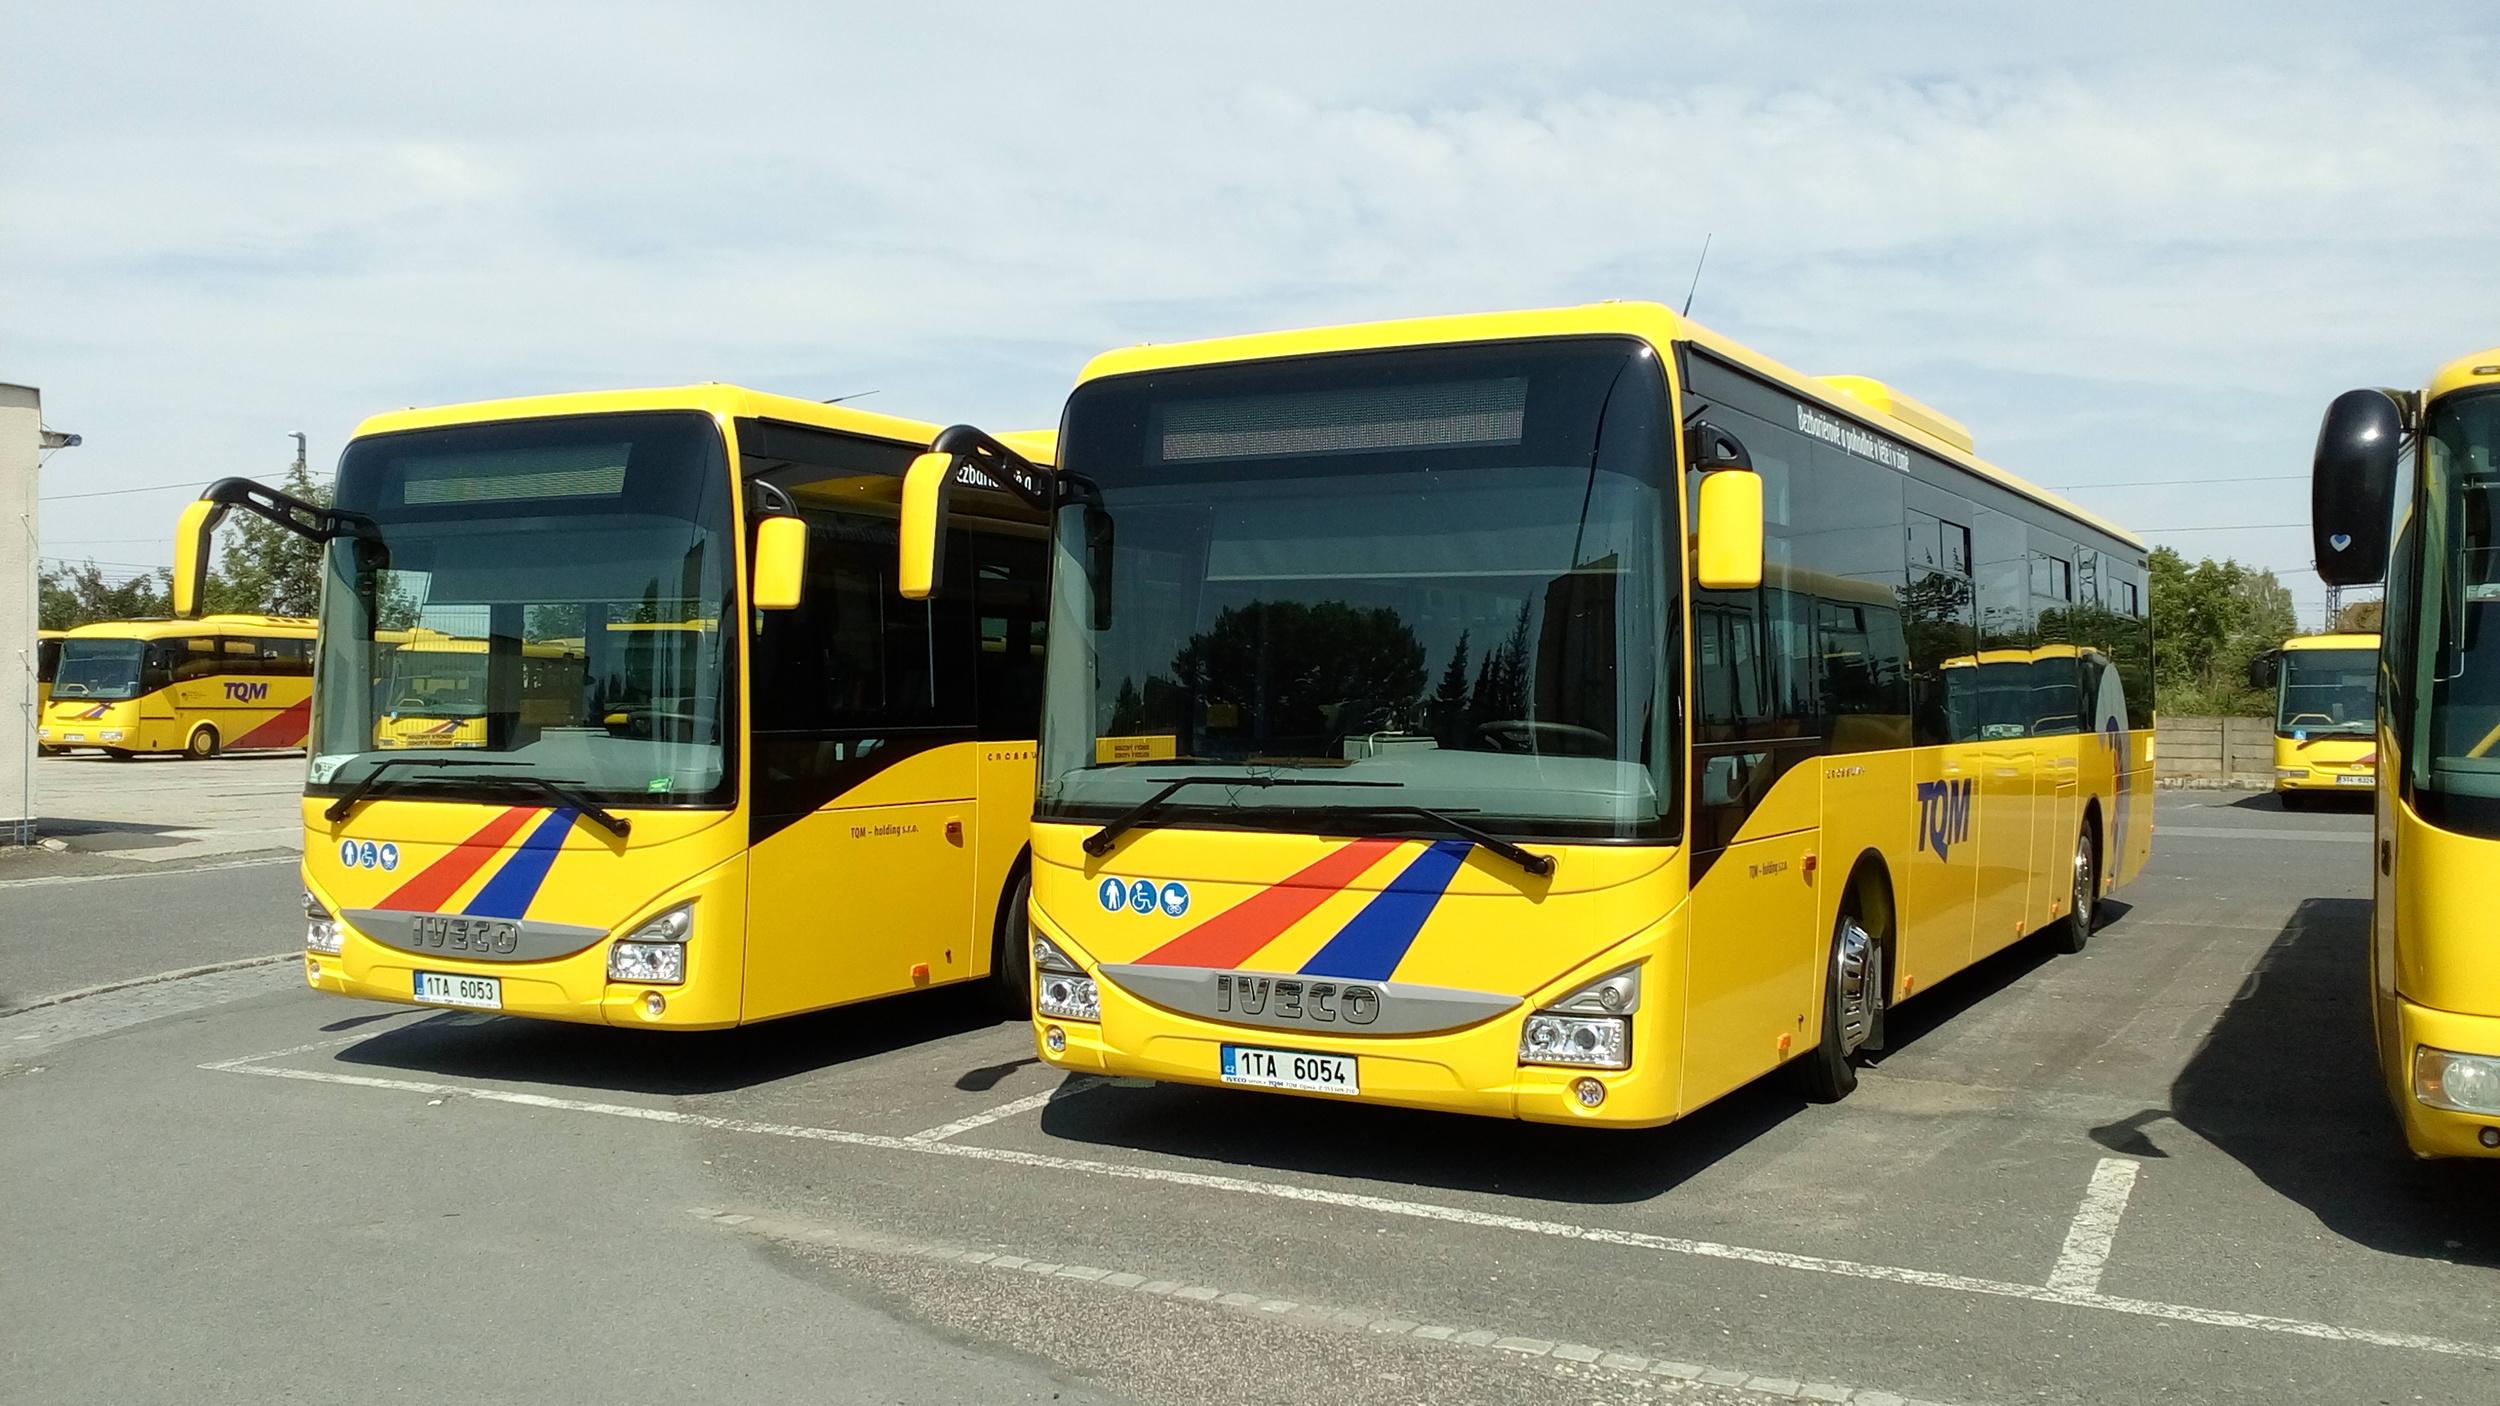 Dvojice nových autobusů Iveco Crossway v garážích dopravce TQM. (foto: Miroslav Halász)